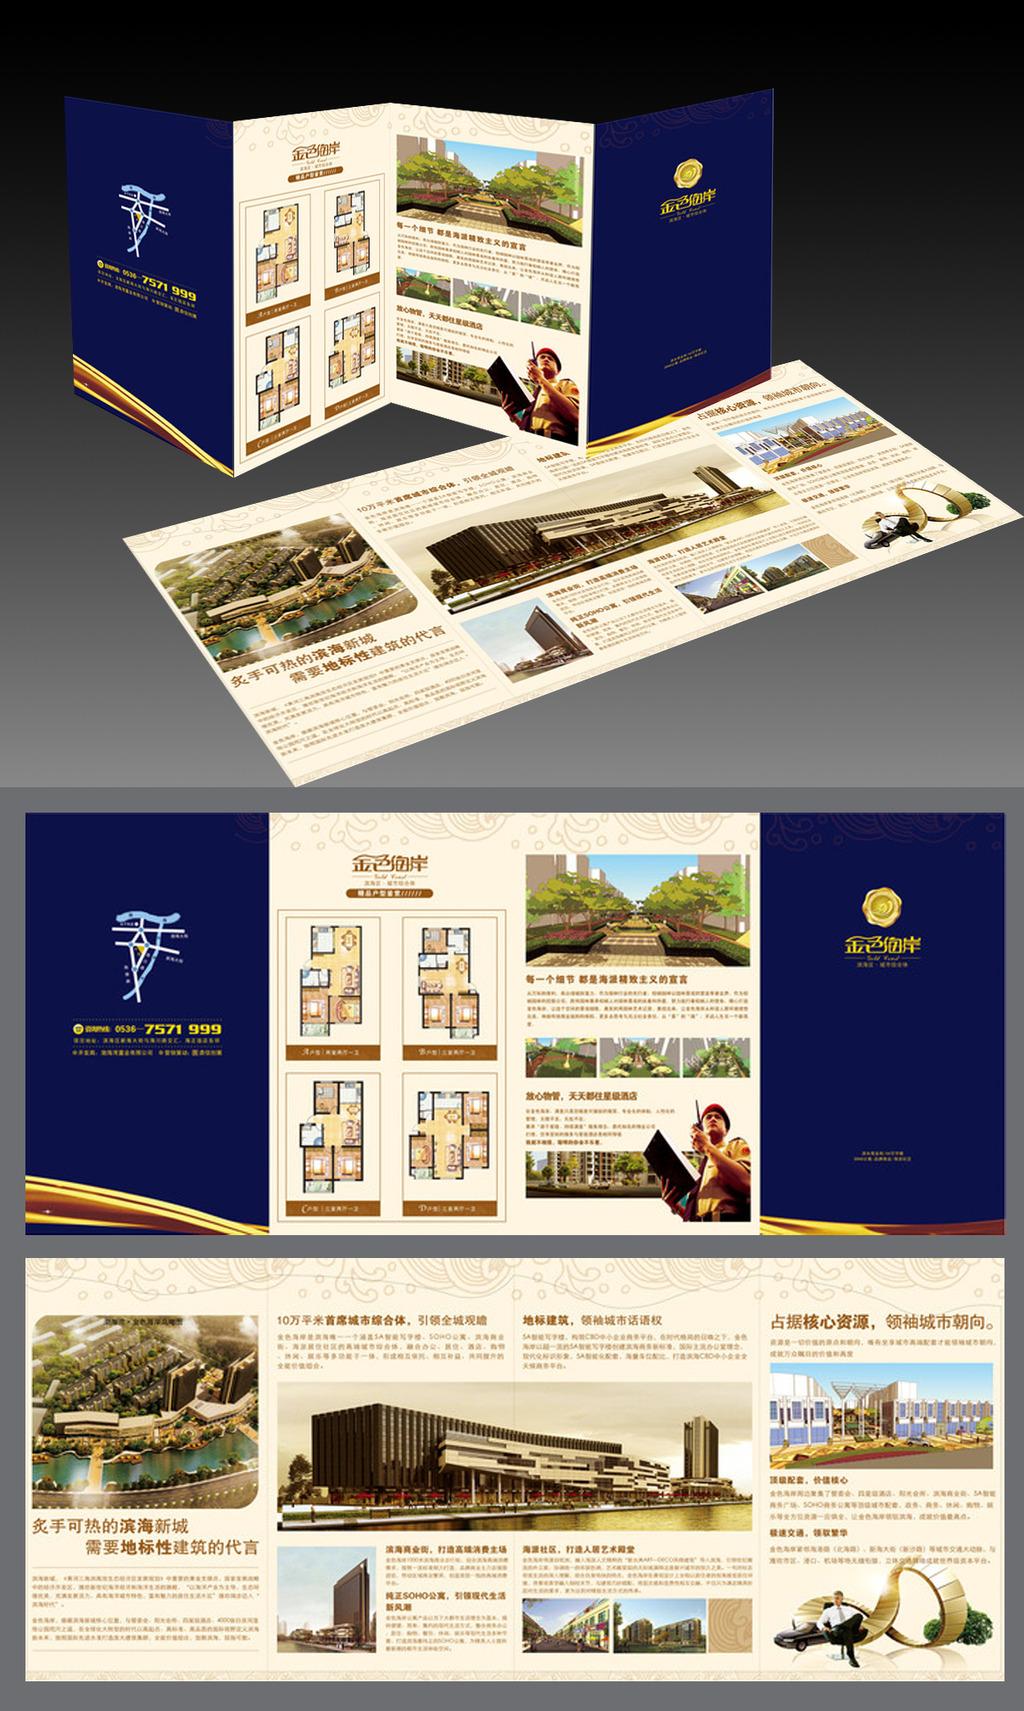 房地产四折页图片下载 房地产四折页 折页模板 折页宣传单 折页楼书